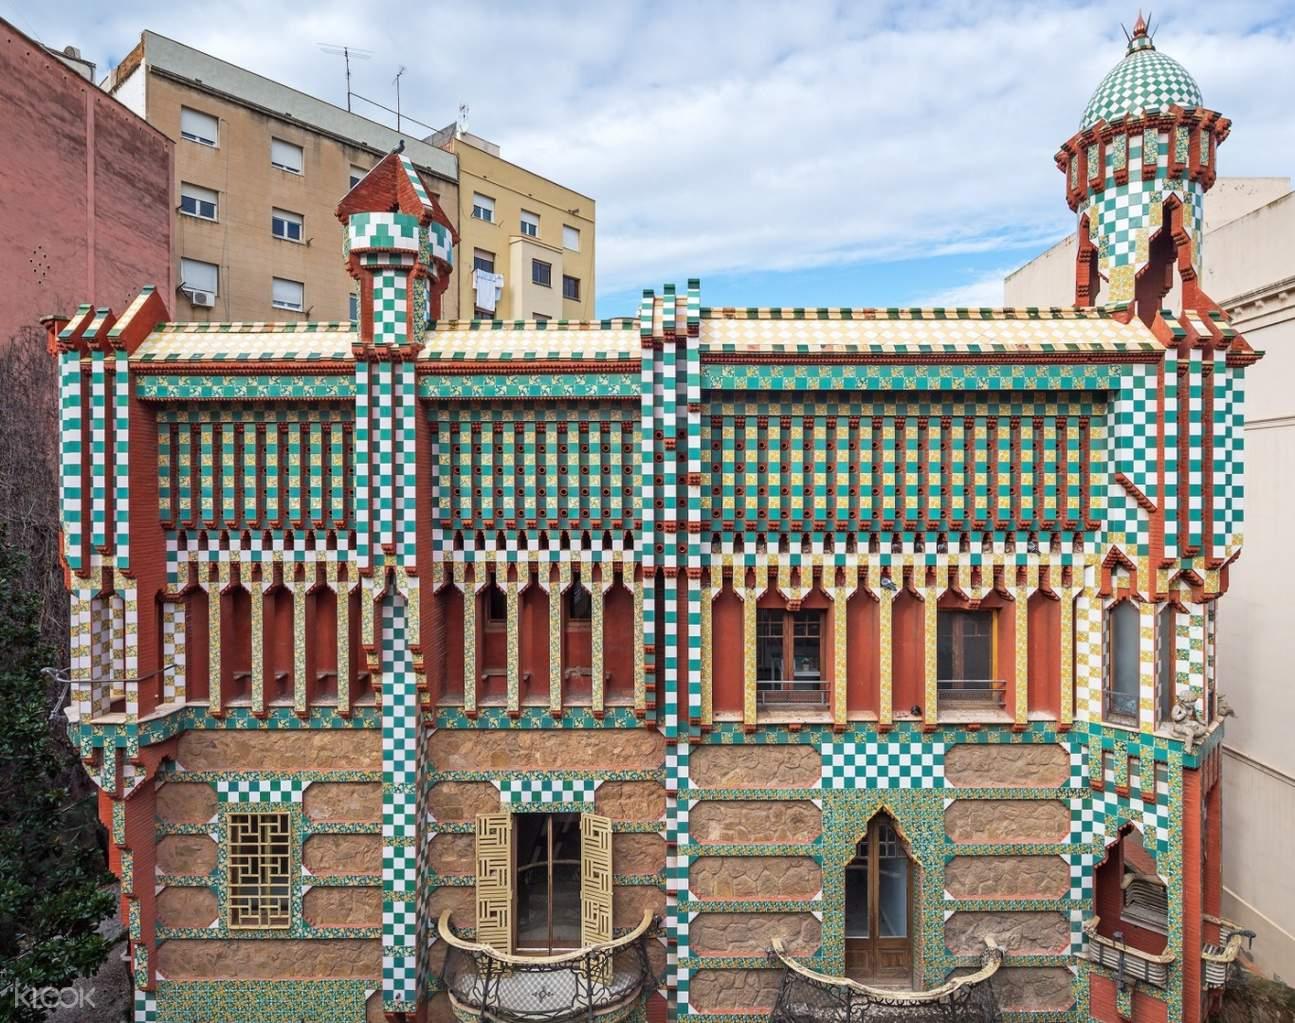 巴塞隆納19世紀建築,巴塞隆納現代主義,巴塞隆納新藝術運動,高第